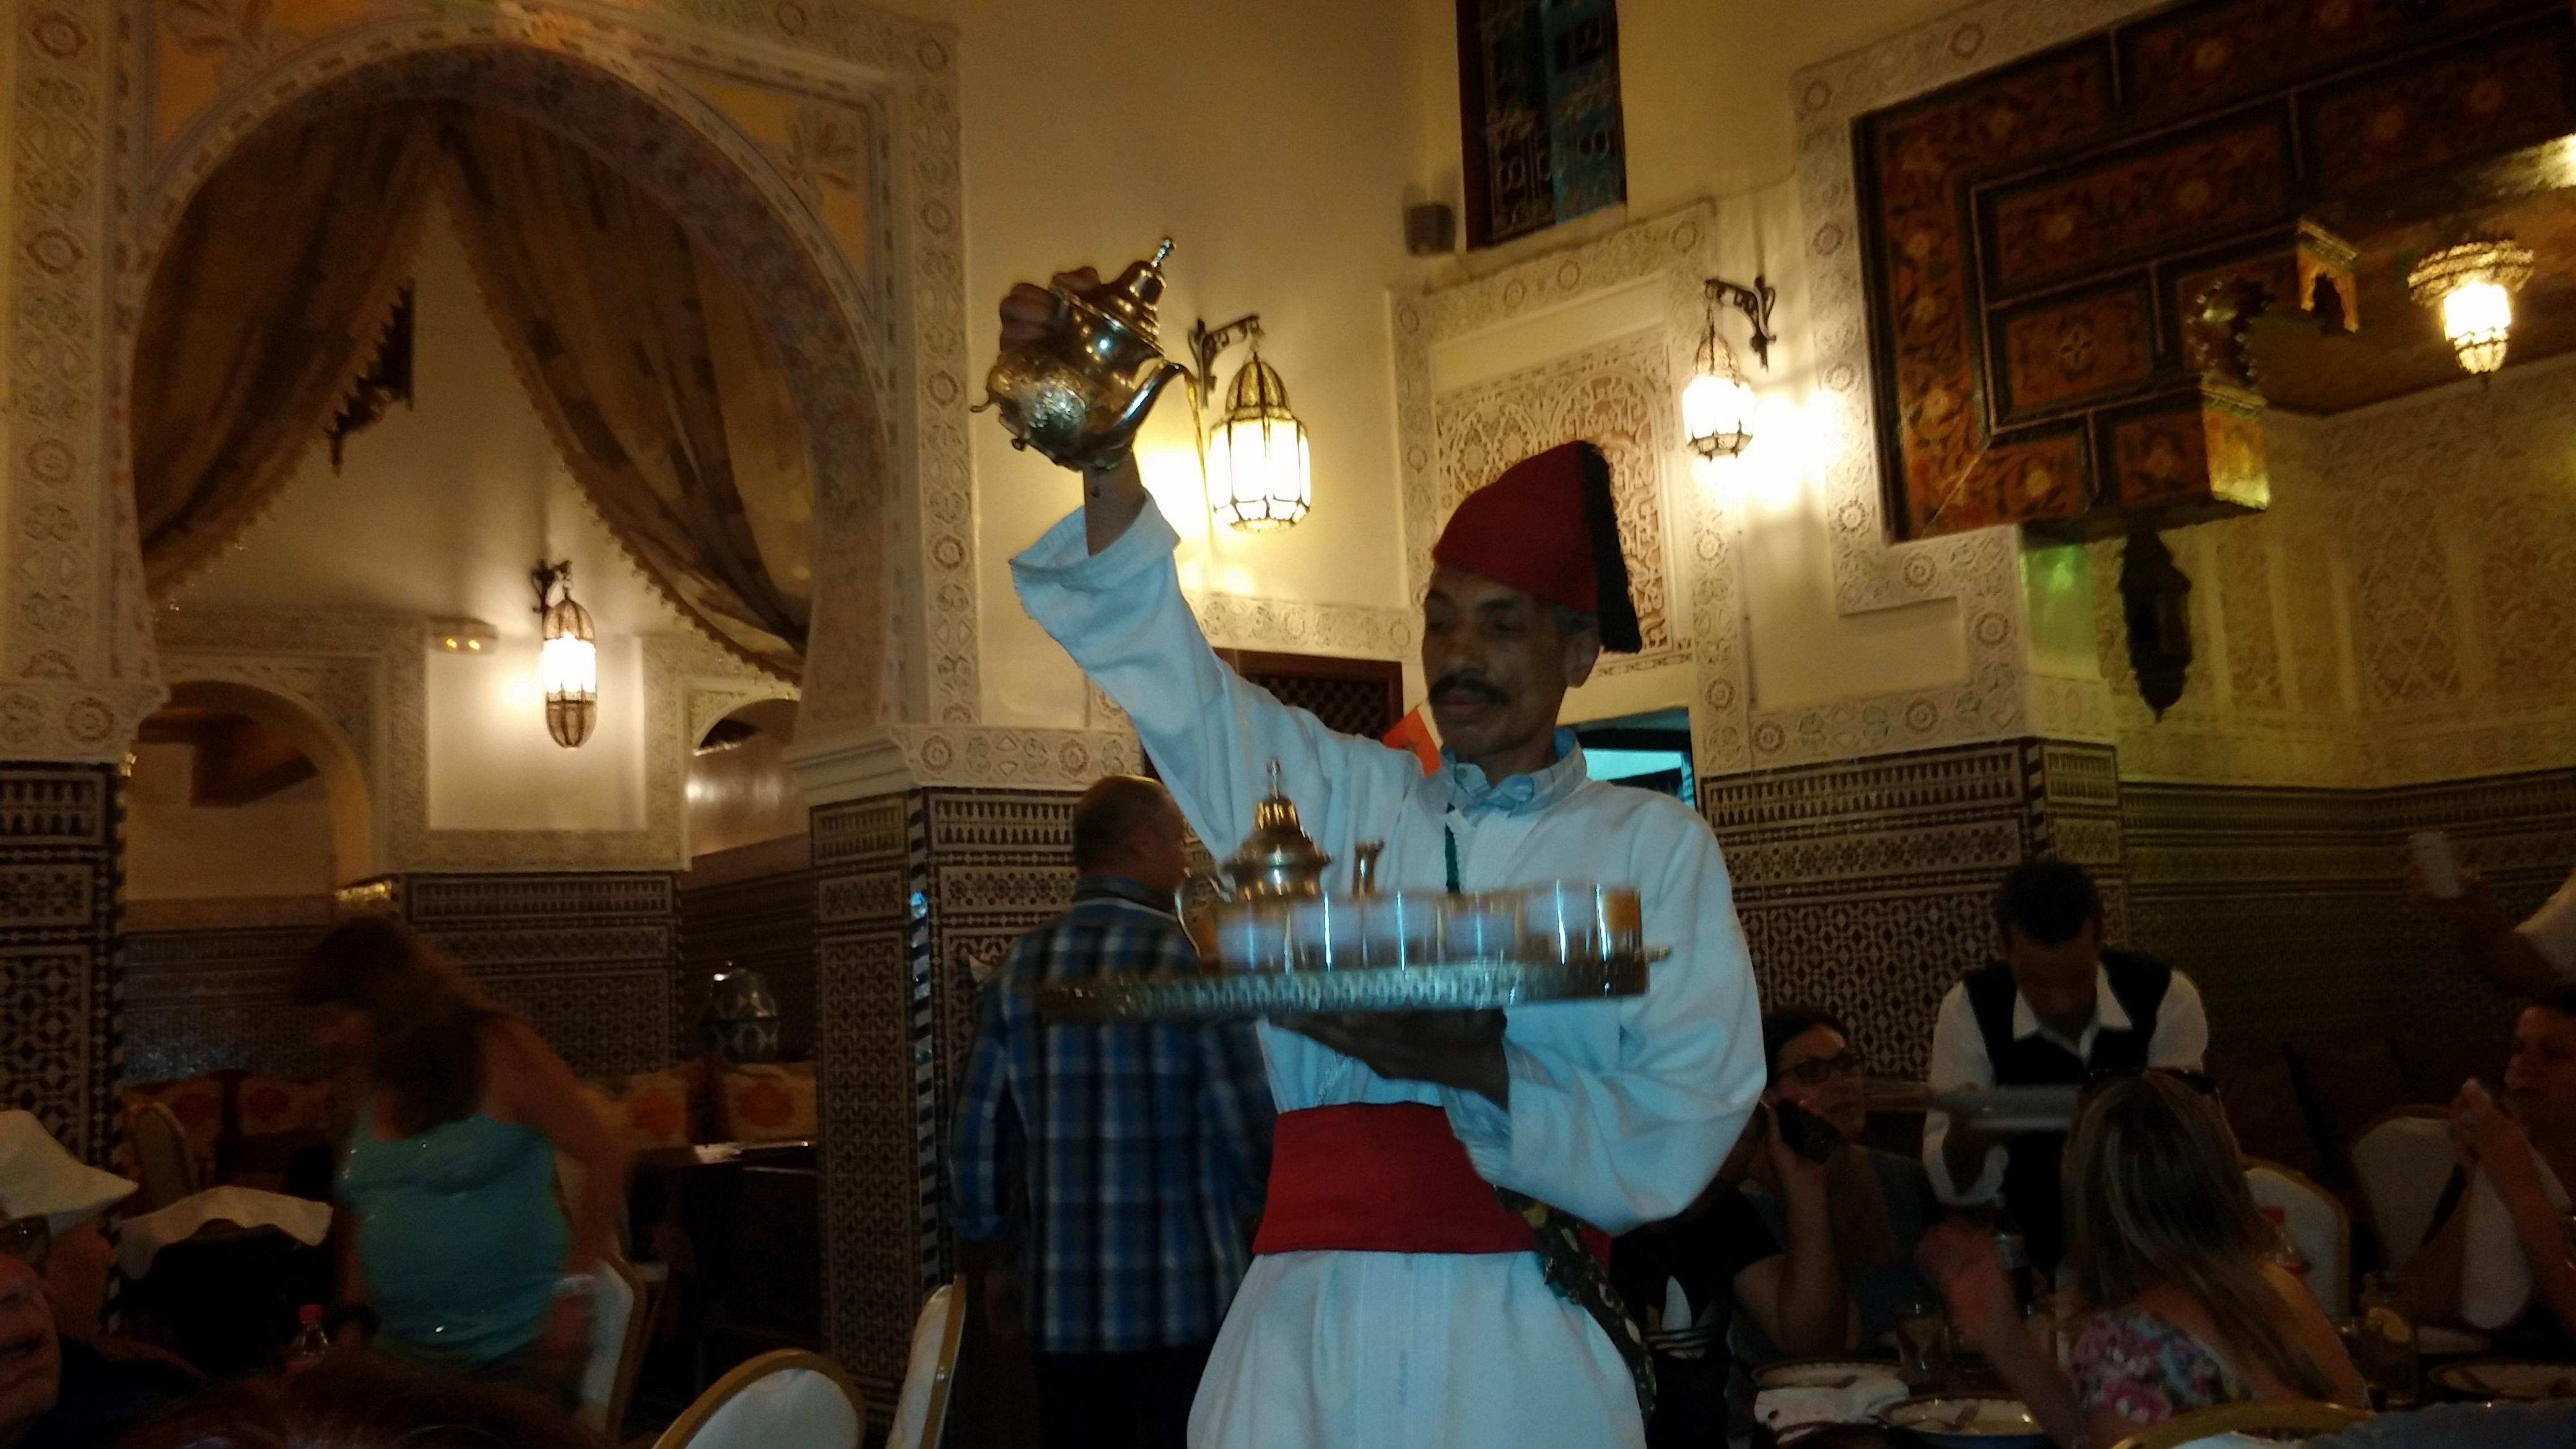 מזיגה מרוקאית צילום: מאיר פלג